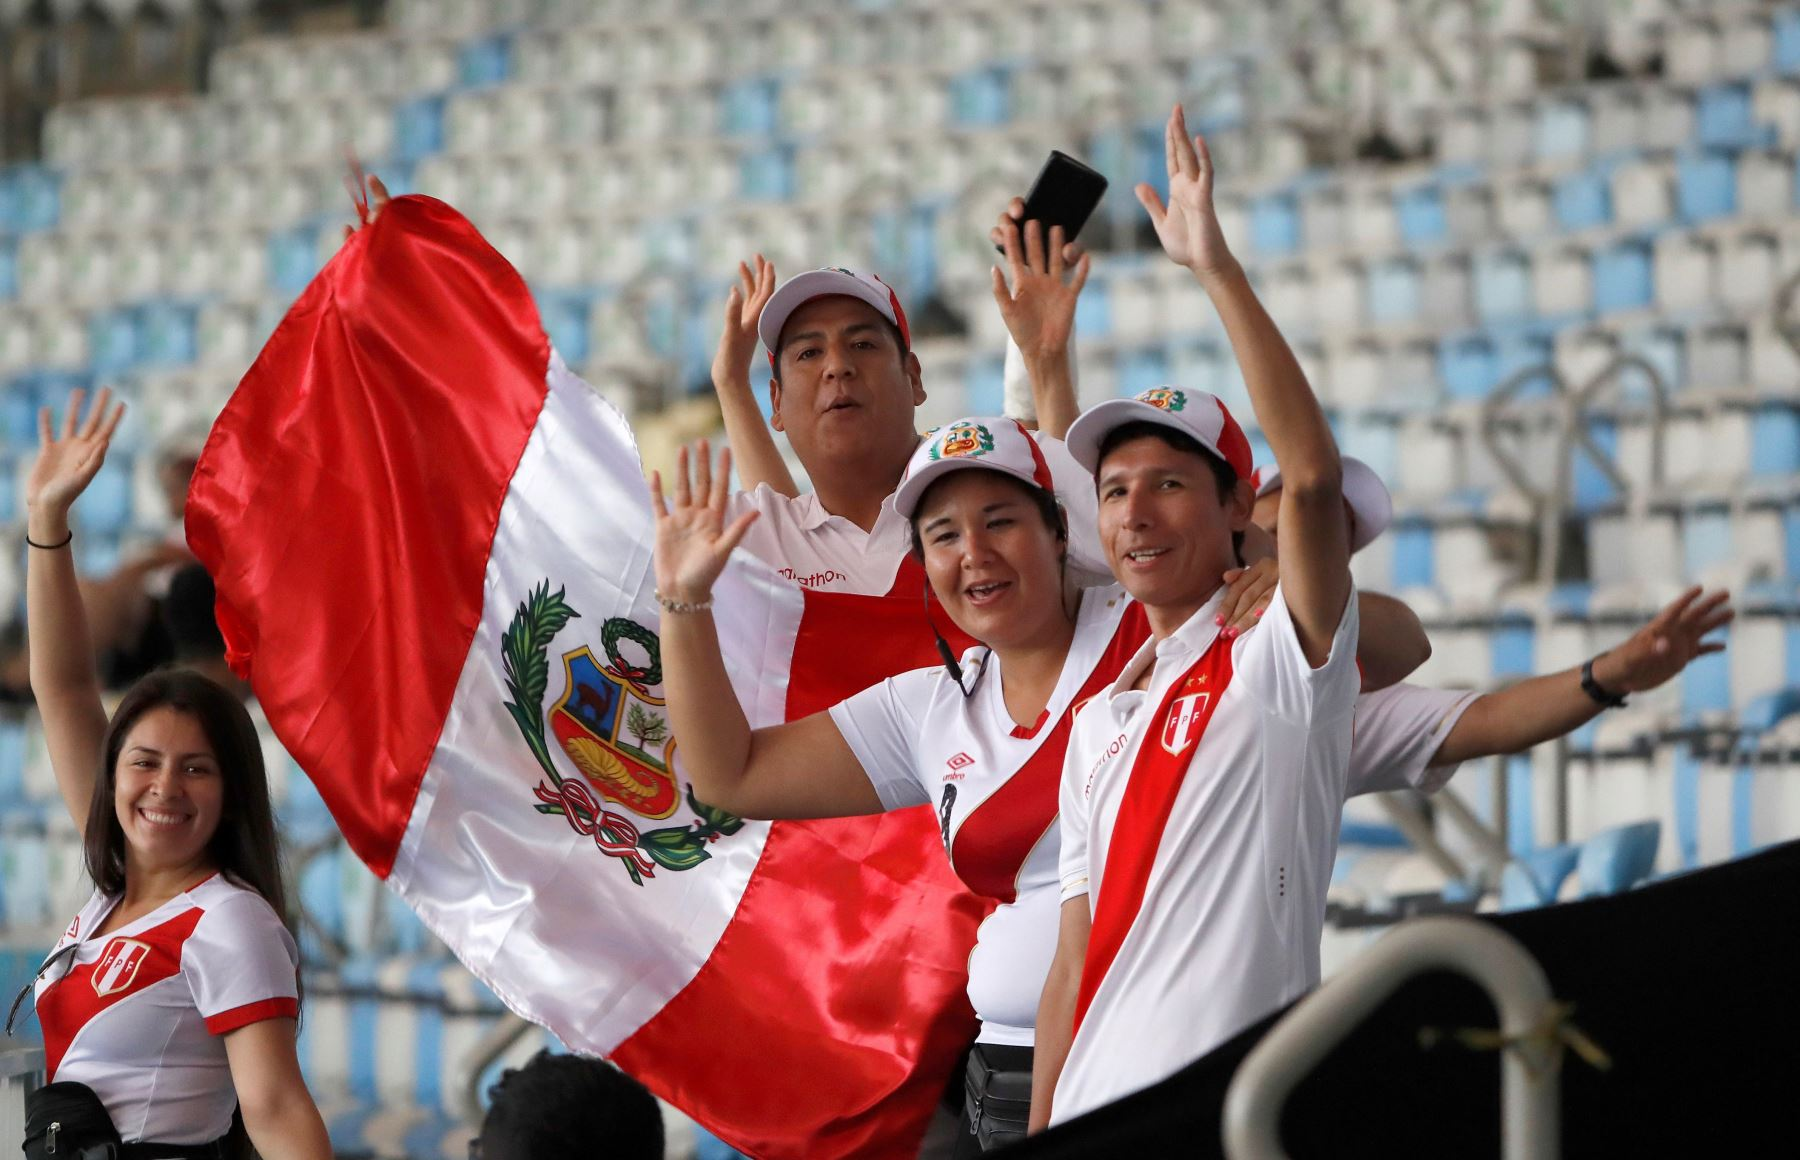 Hinchas de Perú alientan a la selección previo al partido por la Copa América en el estadio Maracaná en Rio de Janeiro, Brasil. Foto: AFP